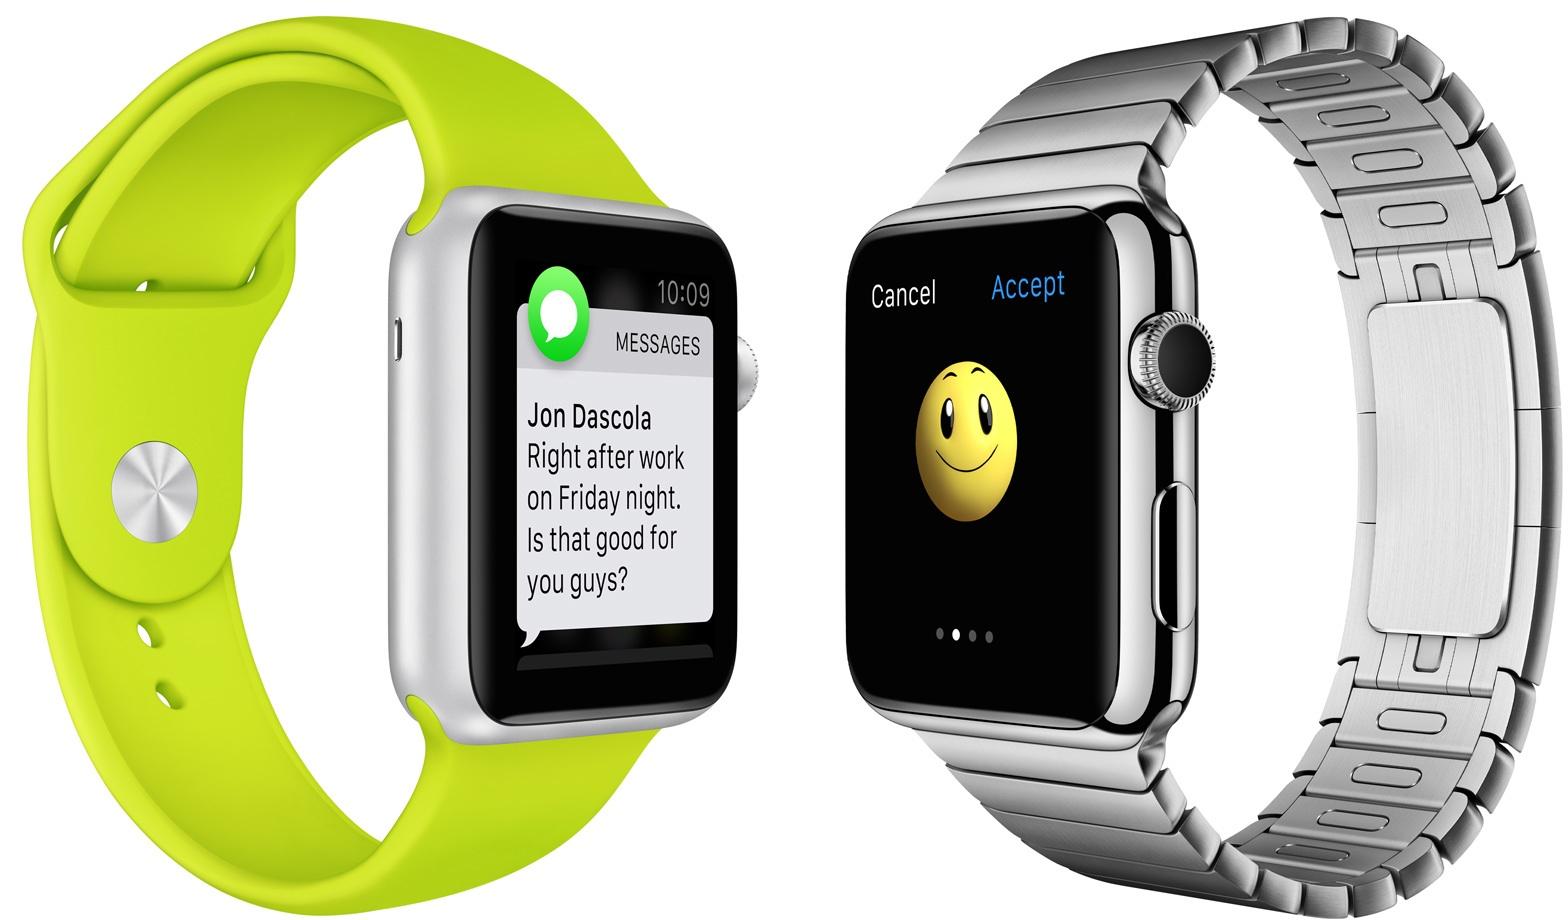 Sihirli elma apple etkinlik iphone 6 pay watch 15